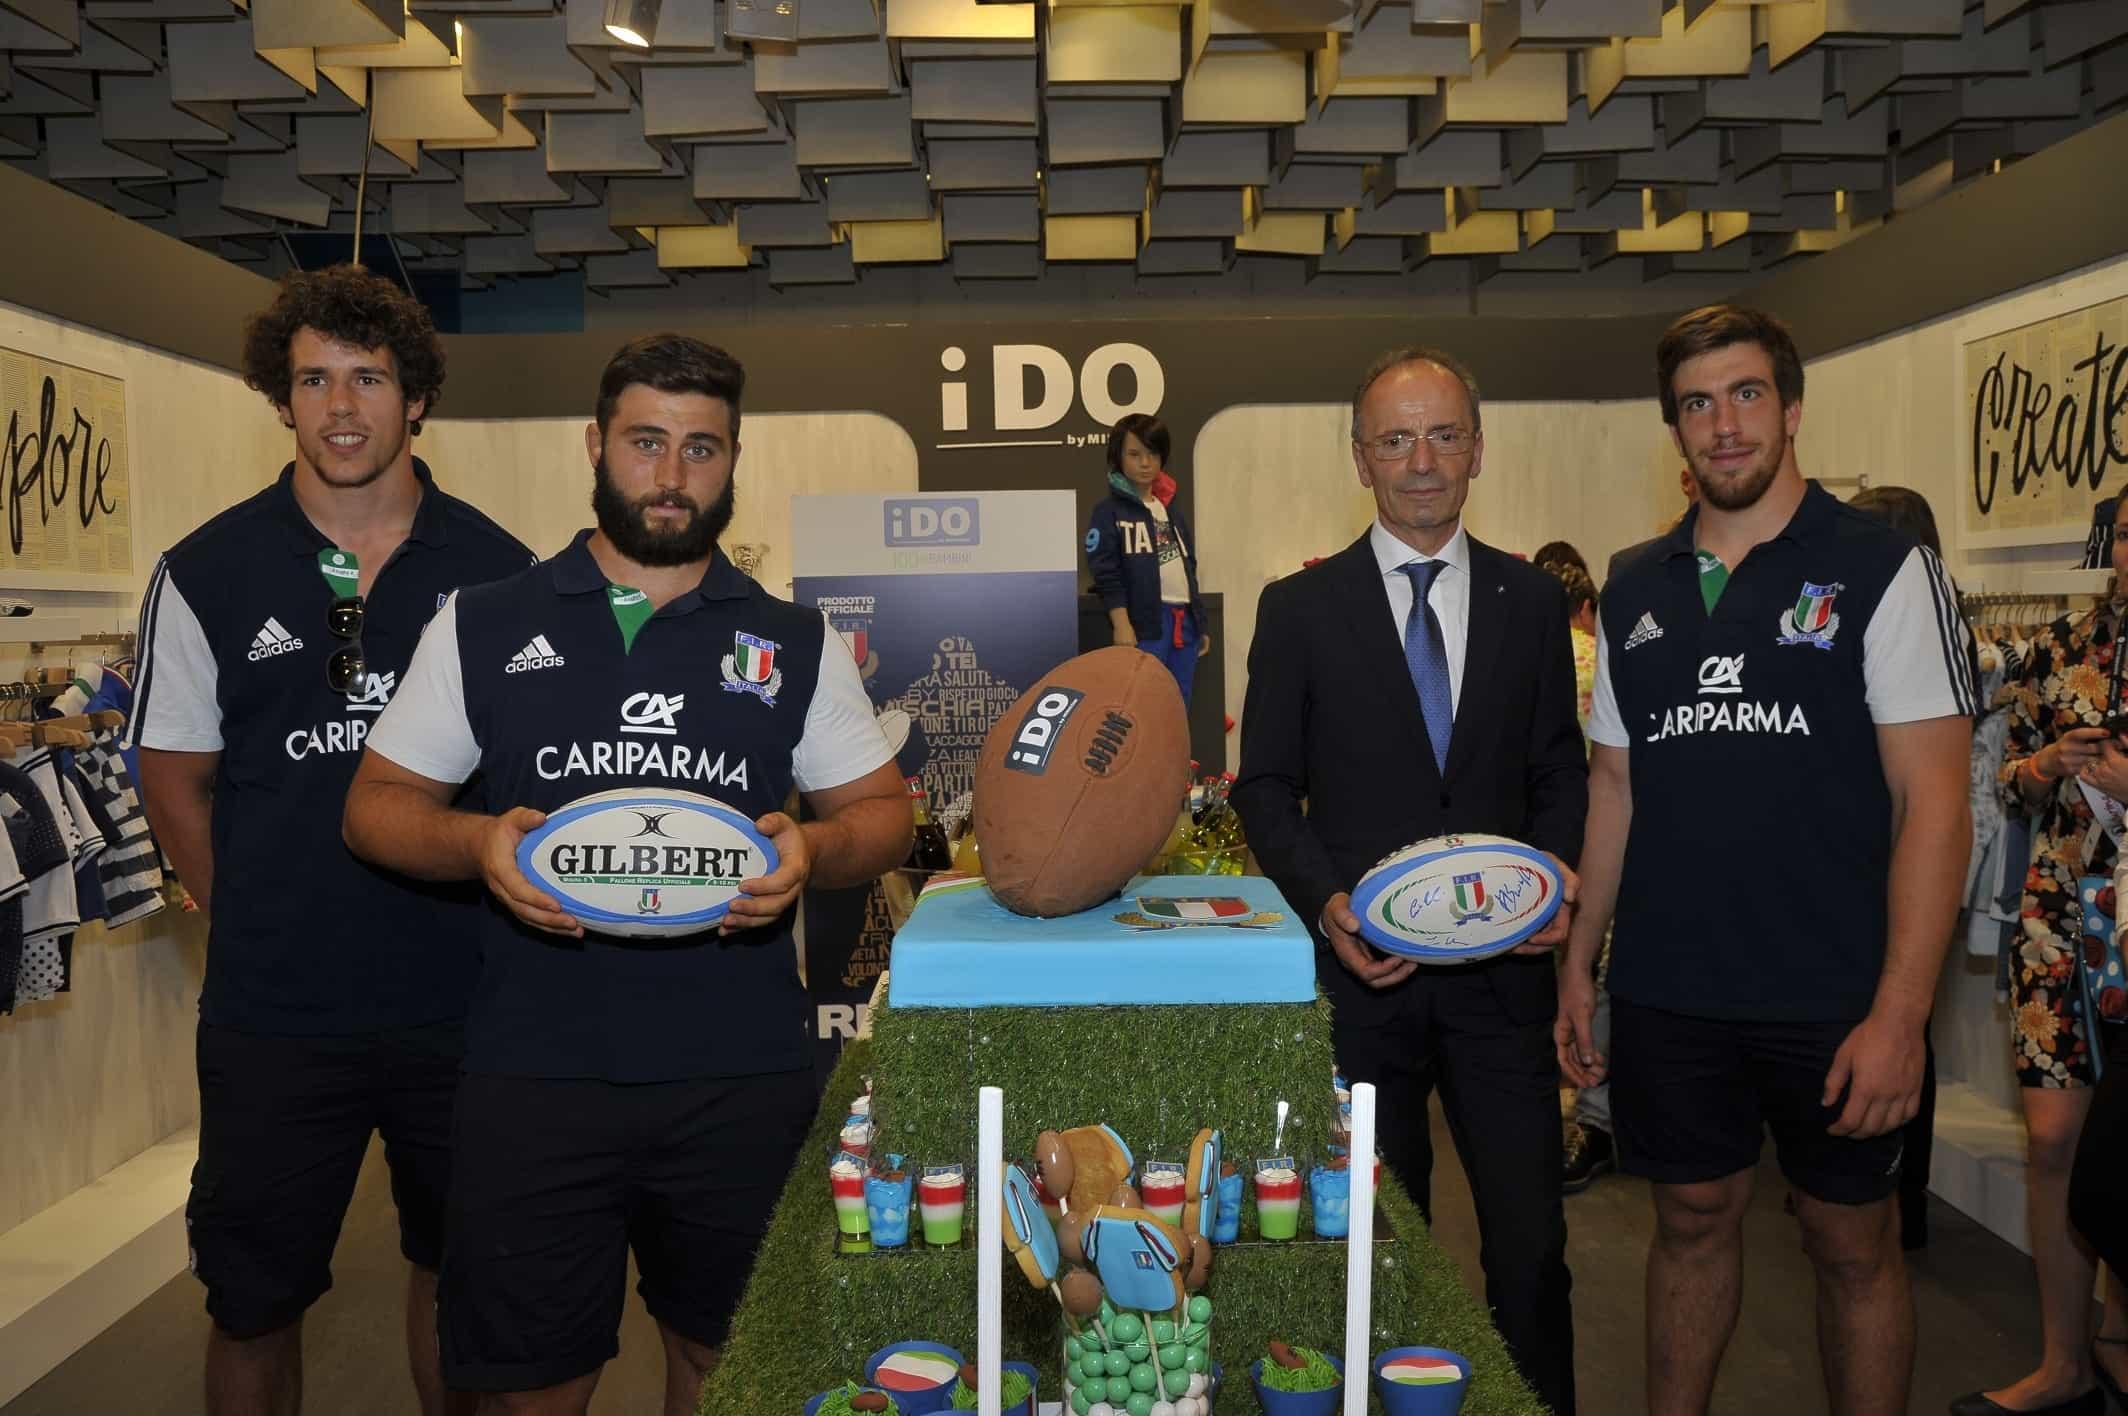 A Pitti Bimbo 81 l'evento iDO con la Nazionale Under 20 di Rugby